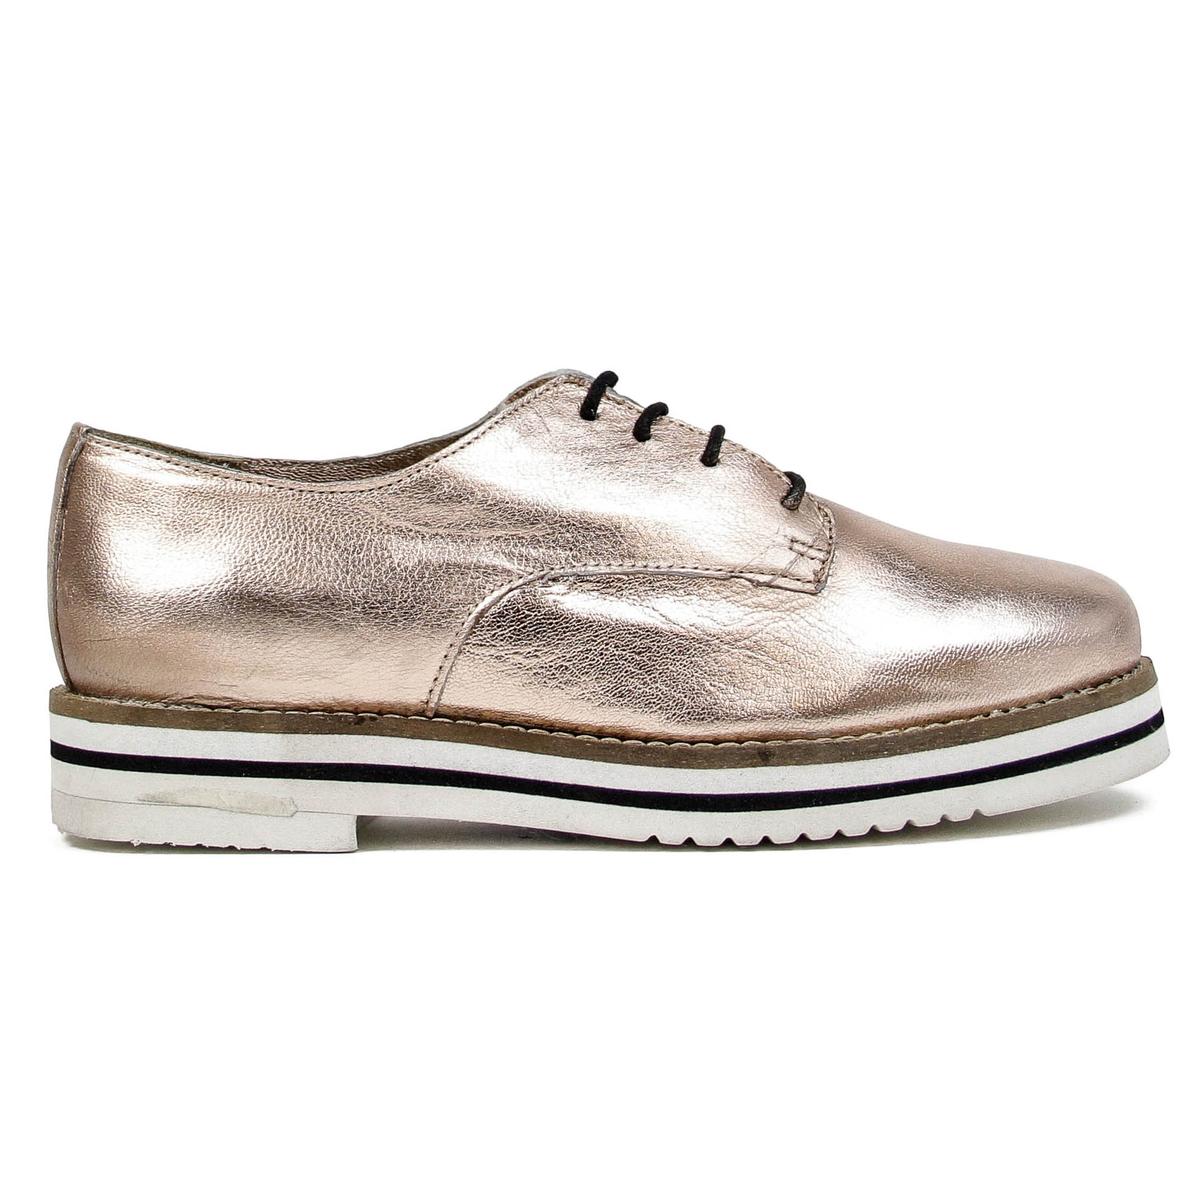 Ботинки-дерби AVOCADO из кожи ботинки дерби из кожи raisie arlie